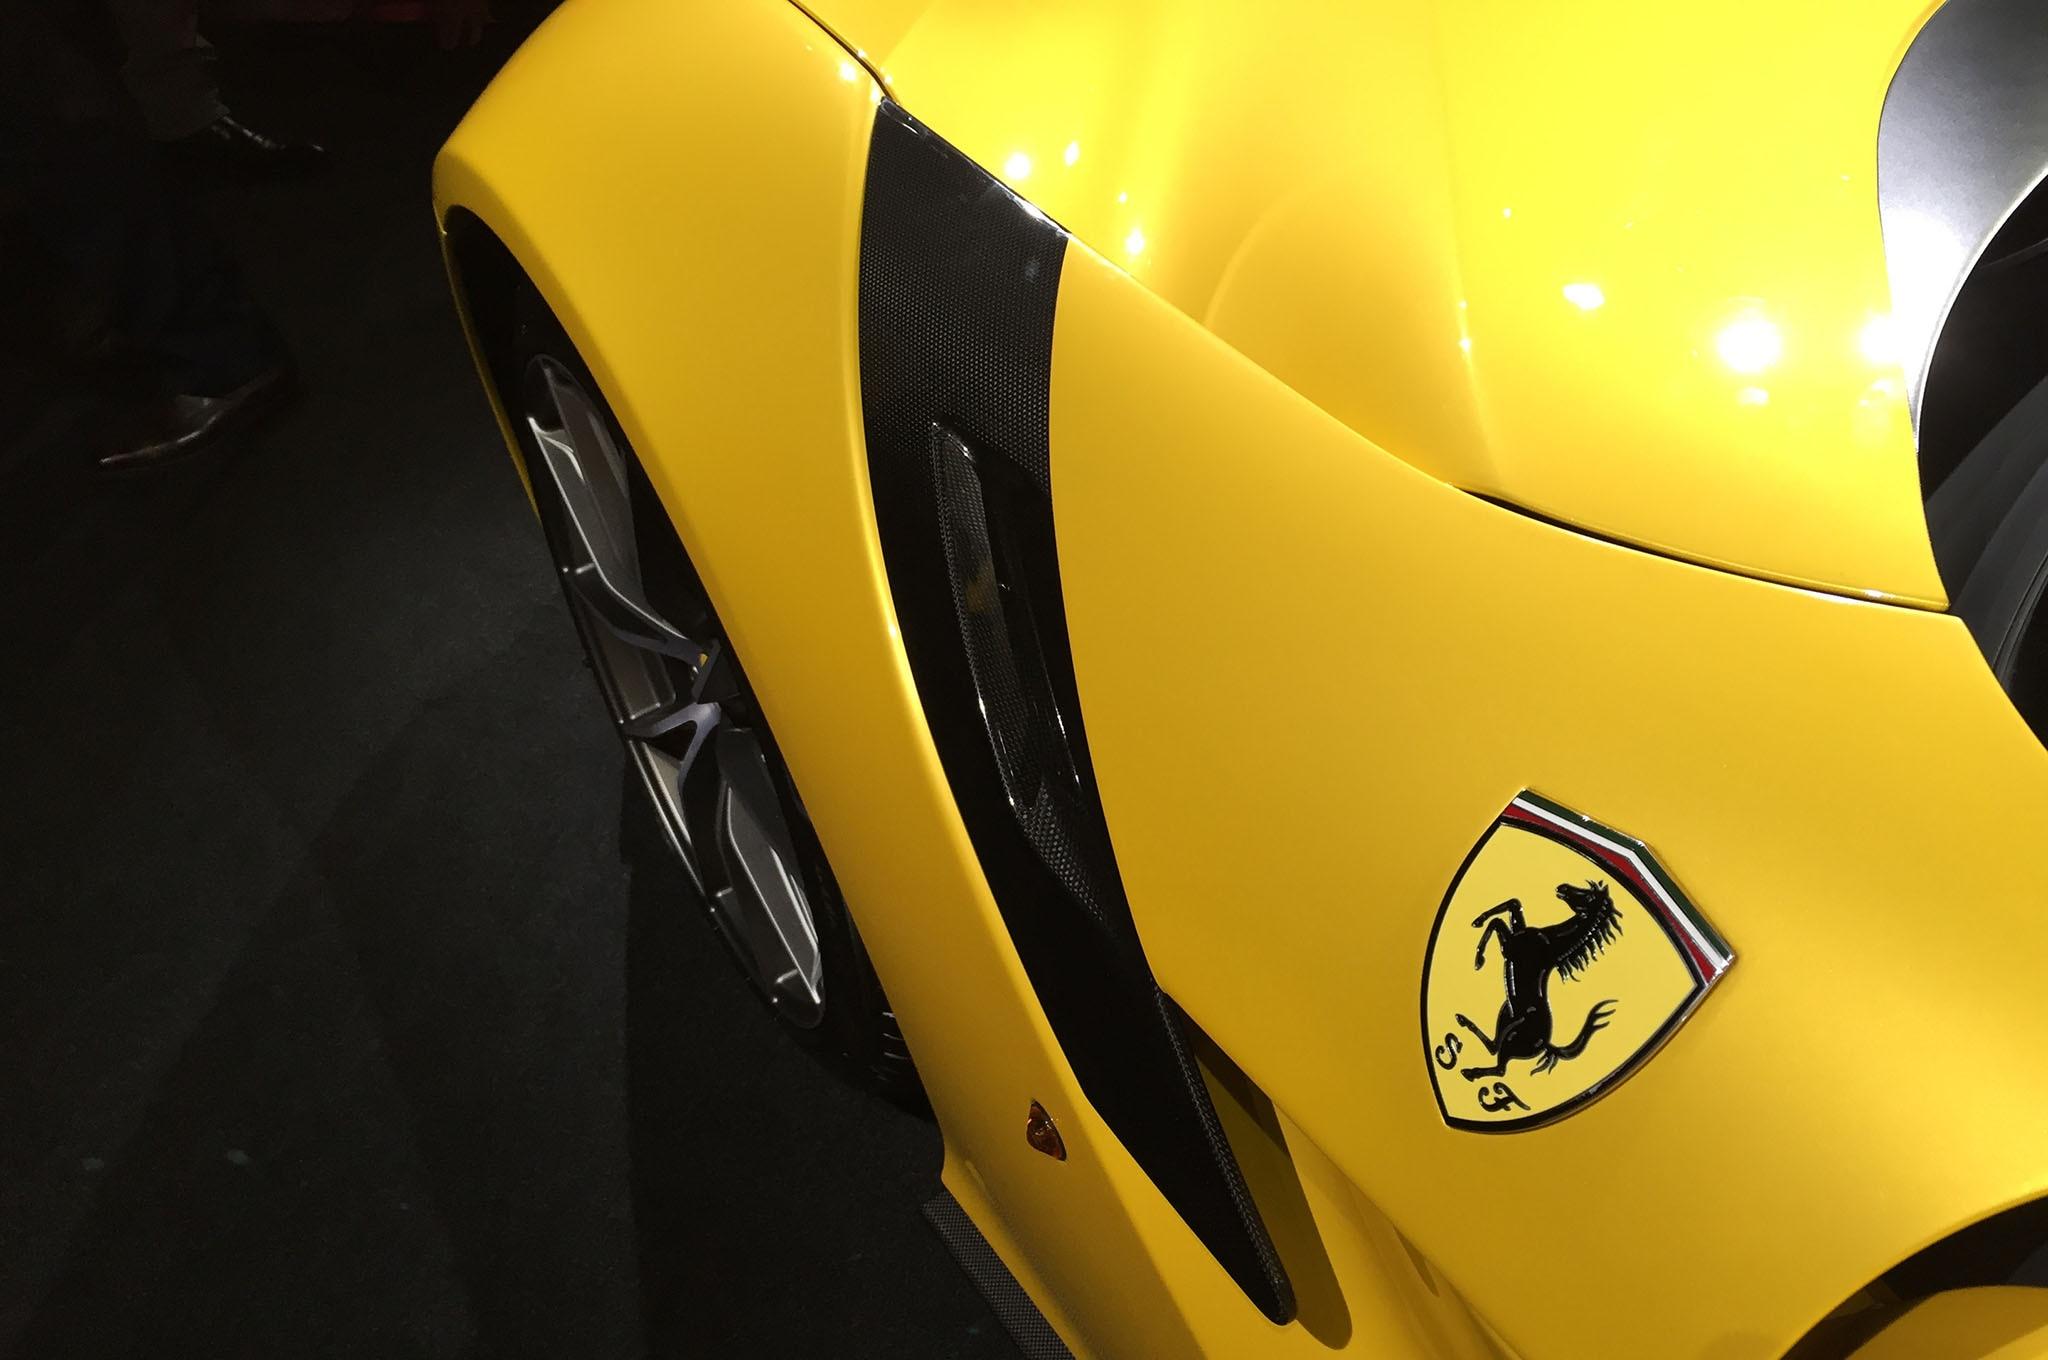 Ferrari F12 Tdf Price >> Ferrari F12tdf Revealed at Finali Mondiale